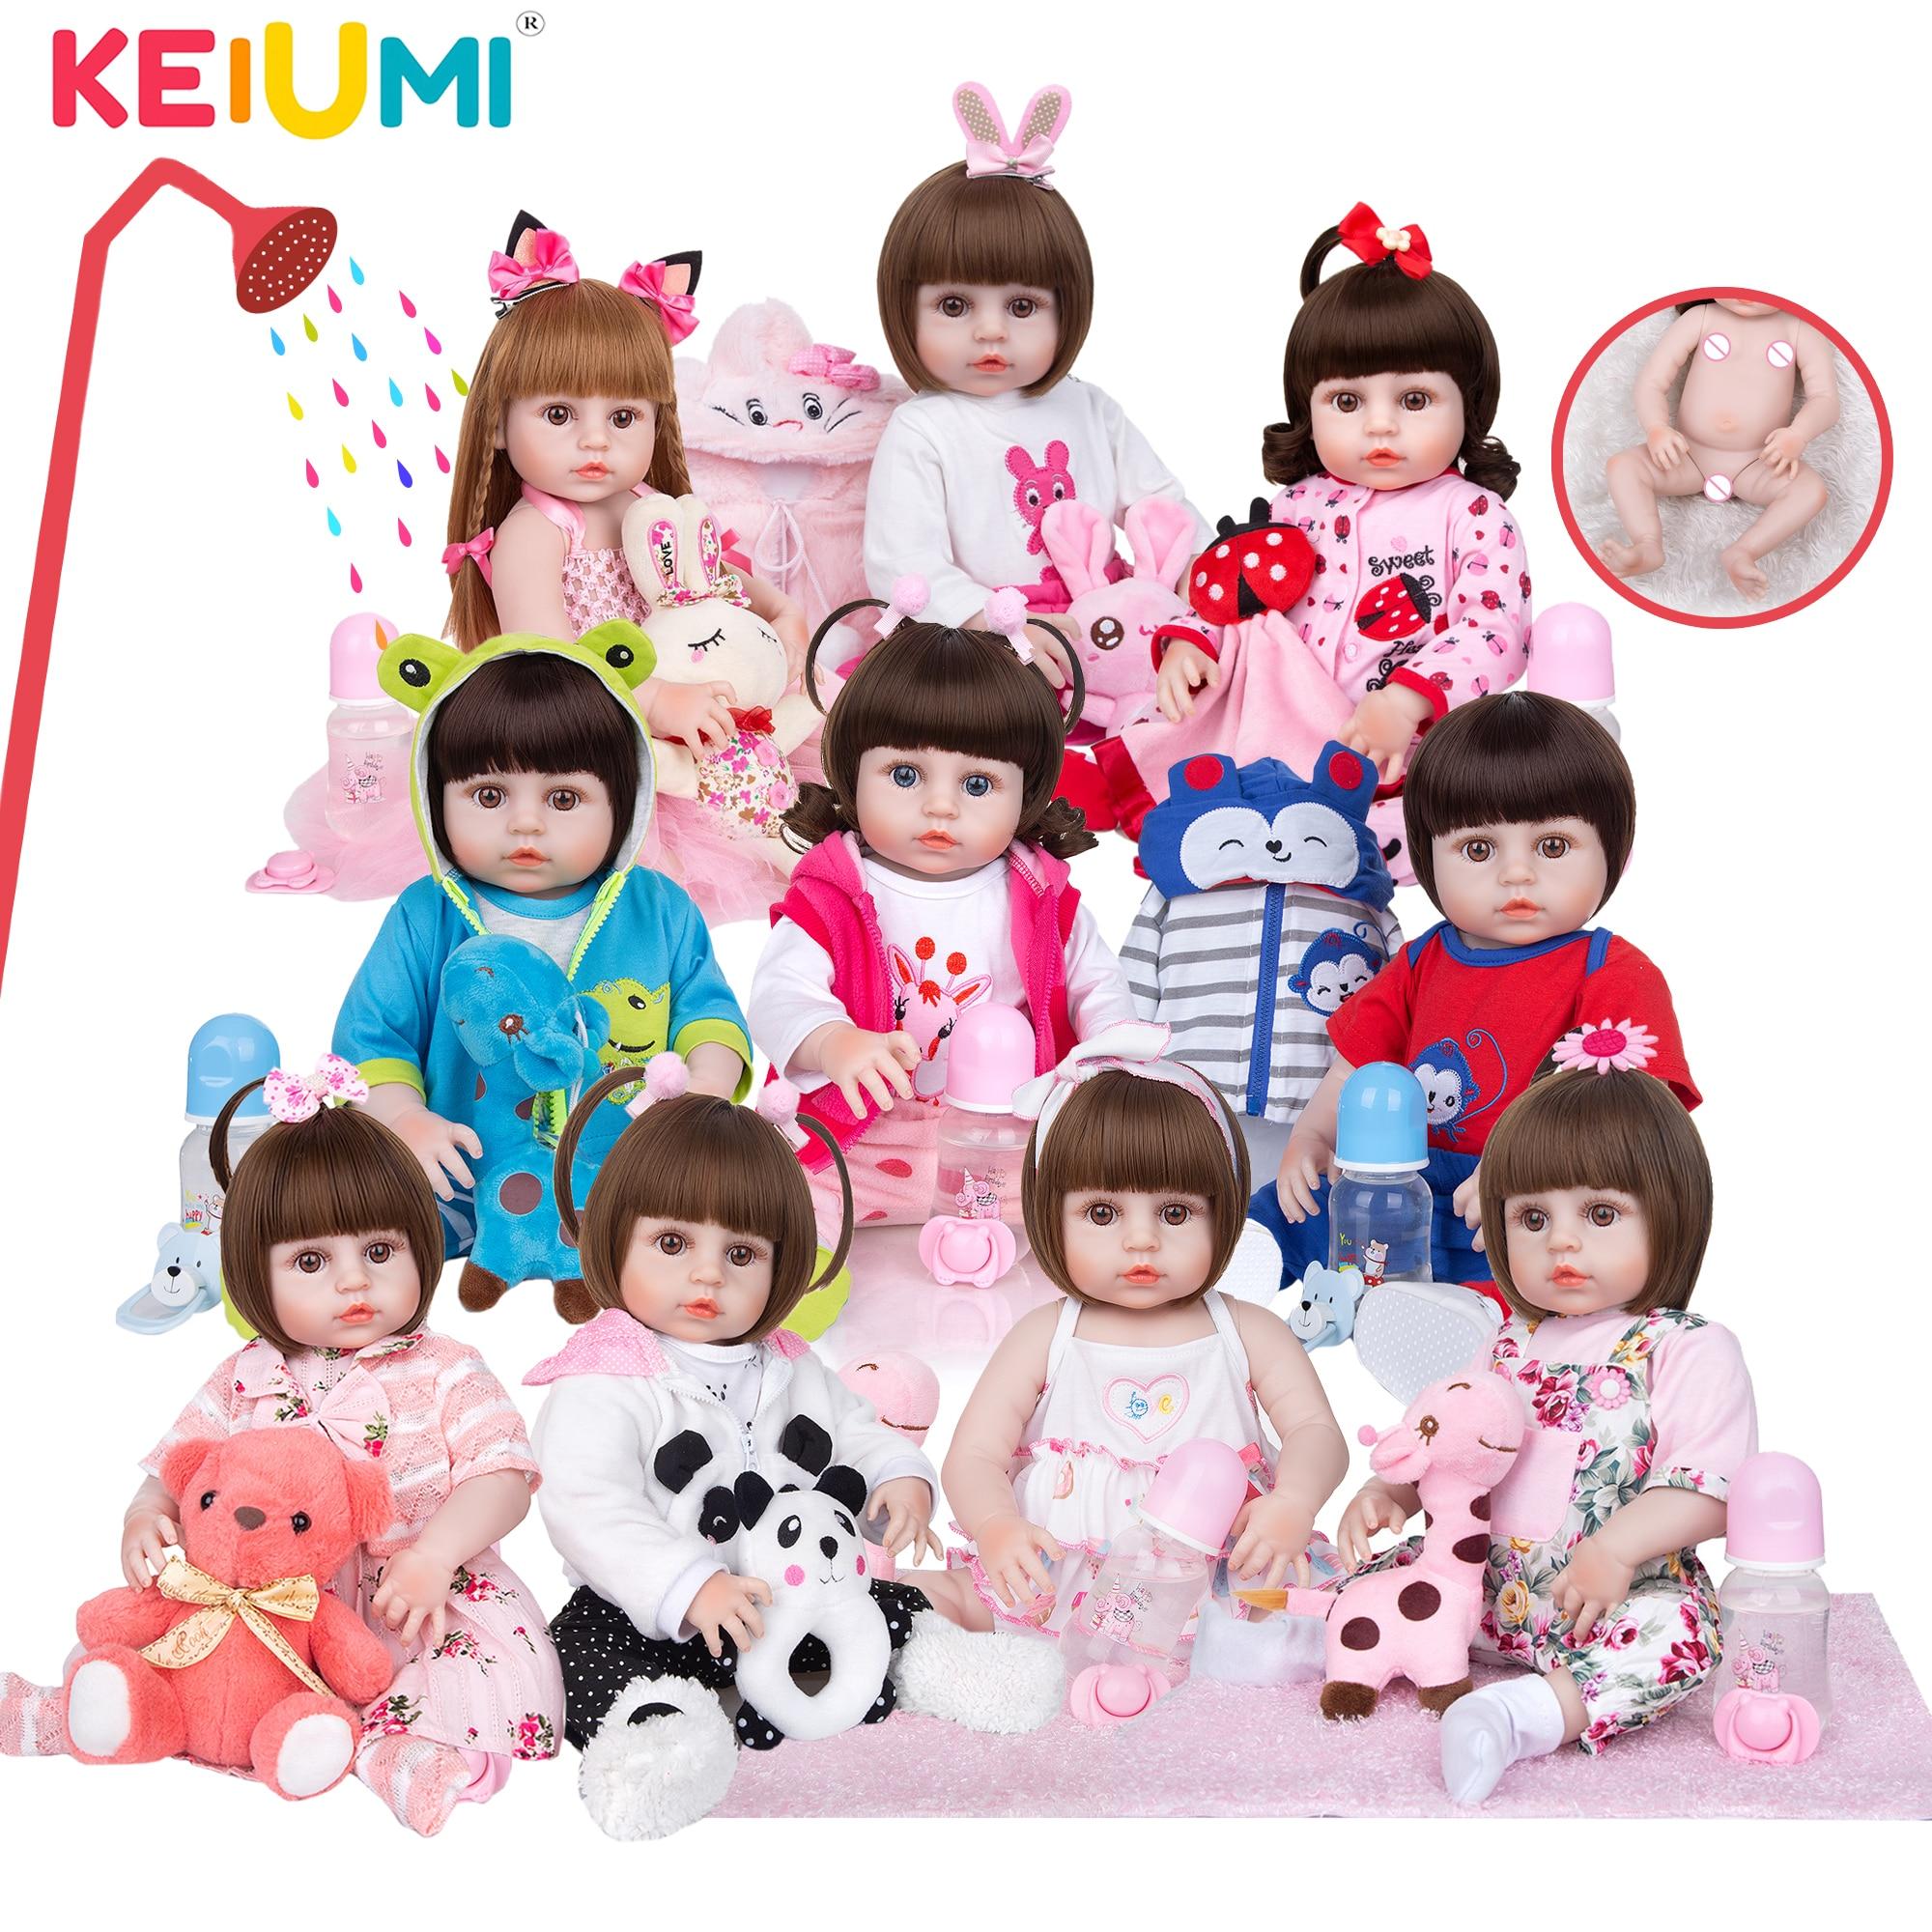 Großhandel KEIUMI Volle Silikon Vinyl Reborn Baby Puppen Mode Wasserdichte Puppe Baby Spielzeug Für Kinder Geburtstag Geschenke Playmate